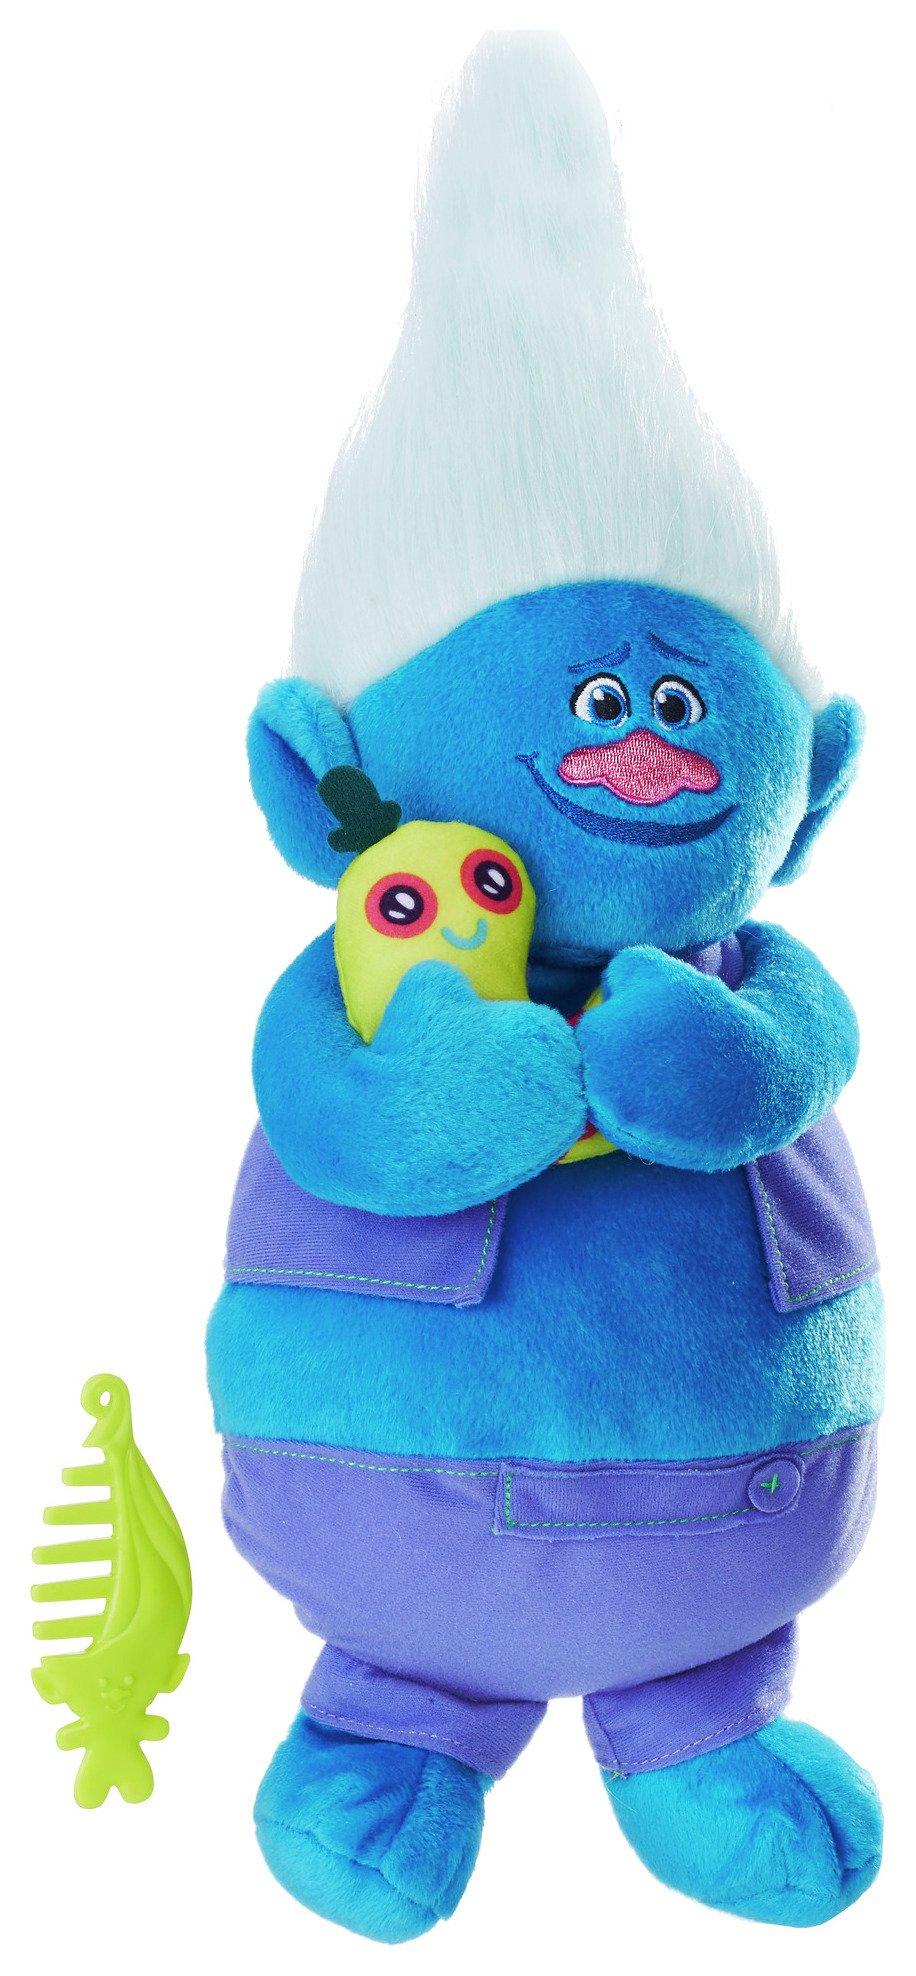 DreamWorks Trolls Biggie Talkin' Troll Plush Doll